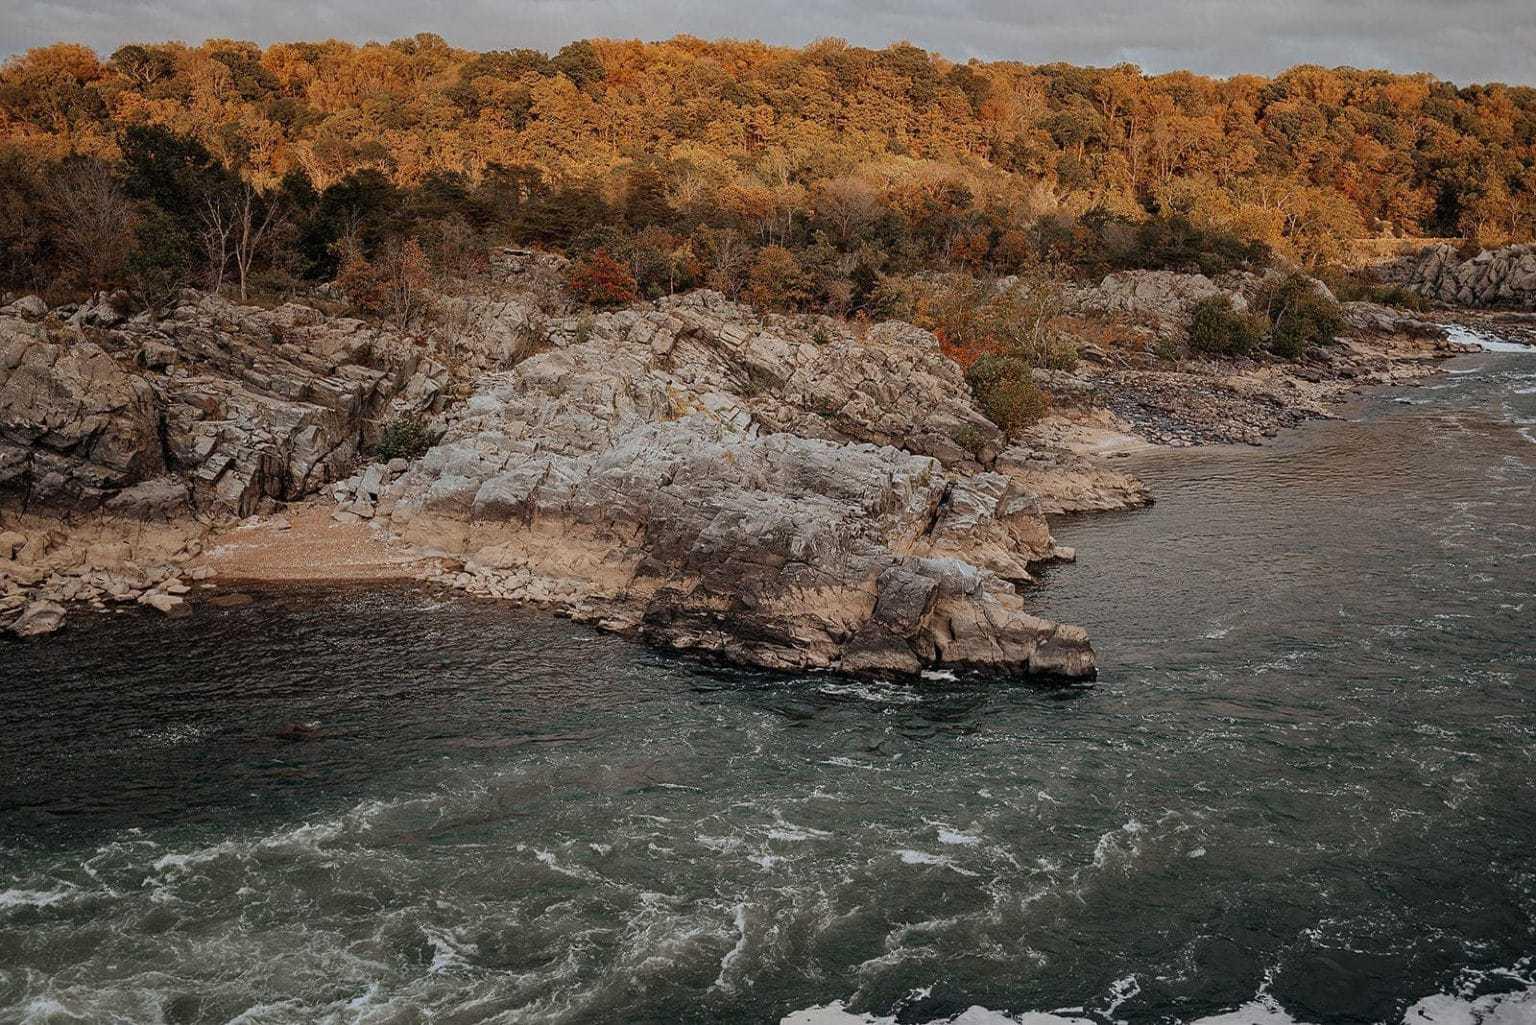 The Potomac River at Great Falls National Park